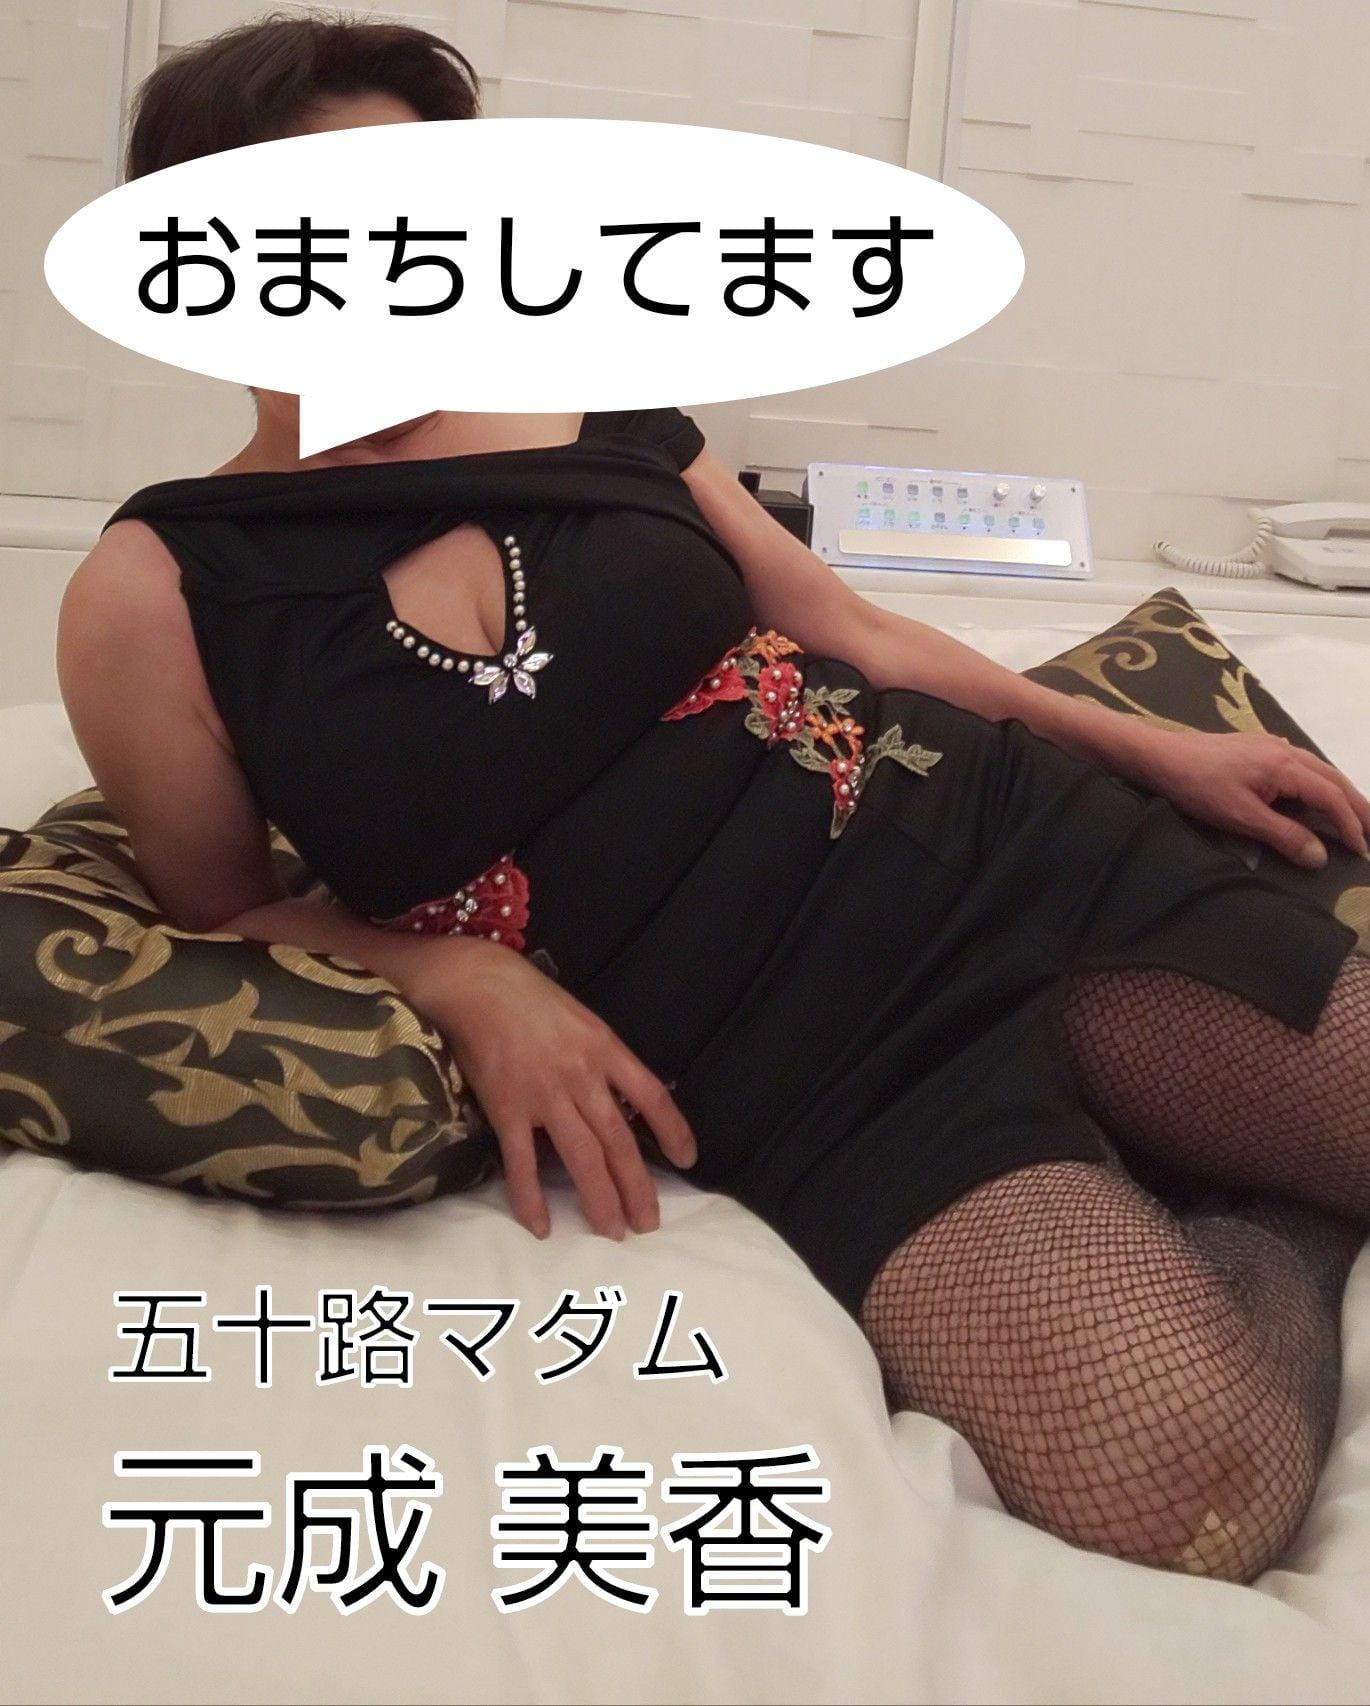 元成美香「こんばんme 〜(*^^*)」01/17(木) 18:58 | 元成美香の写メ・風俗動画